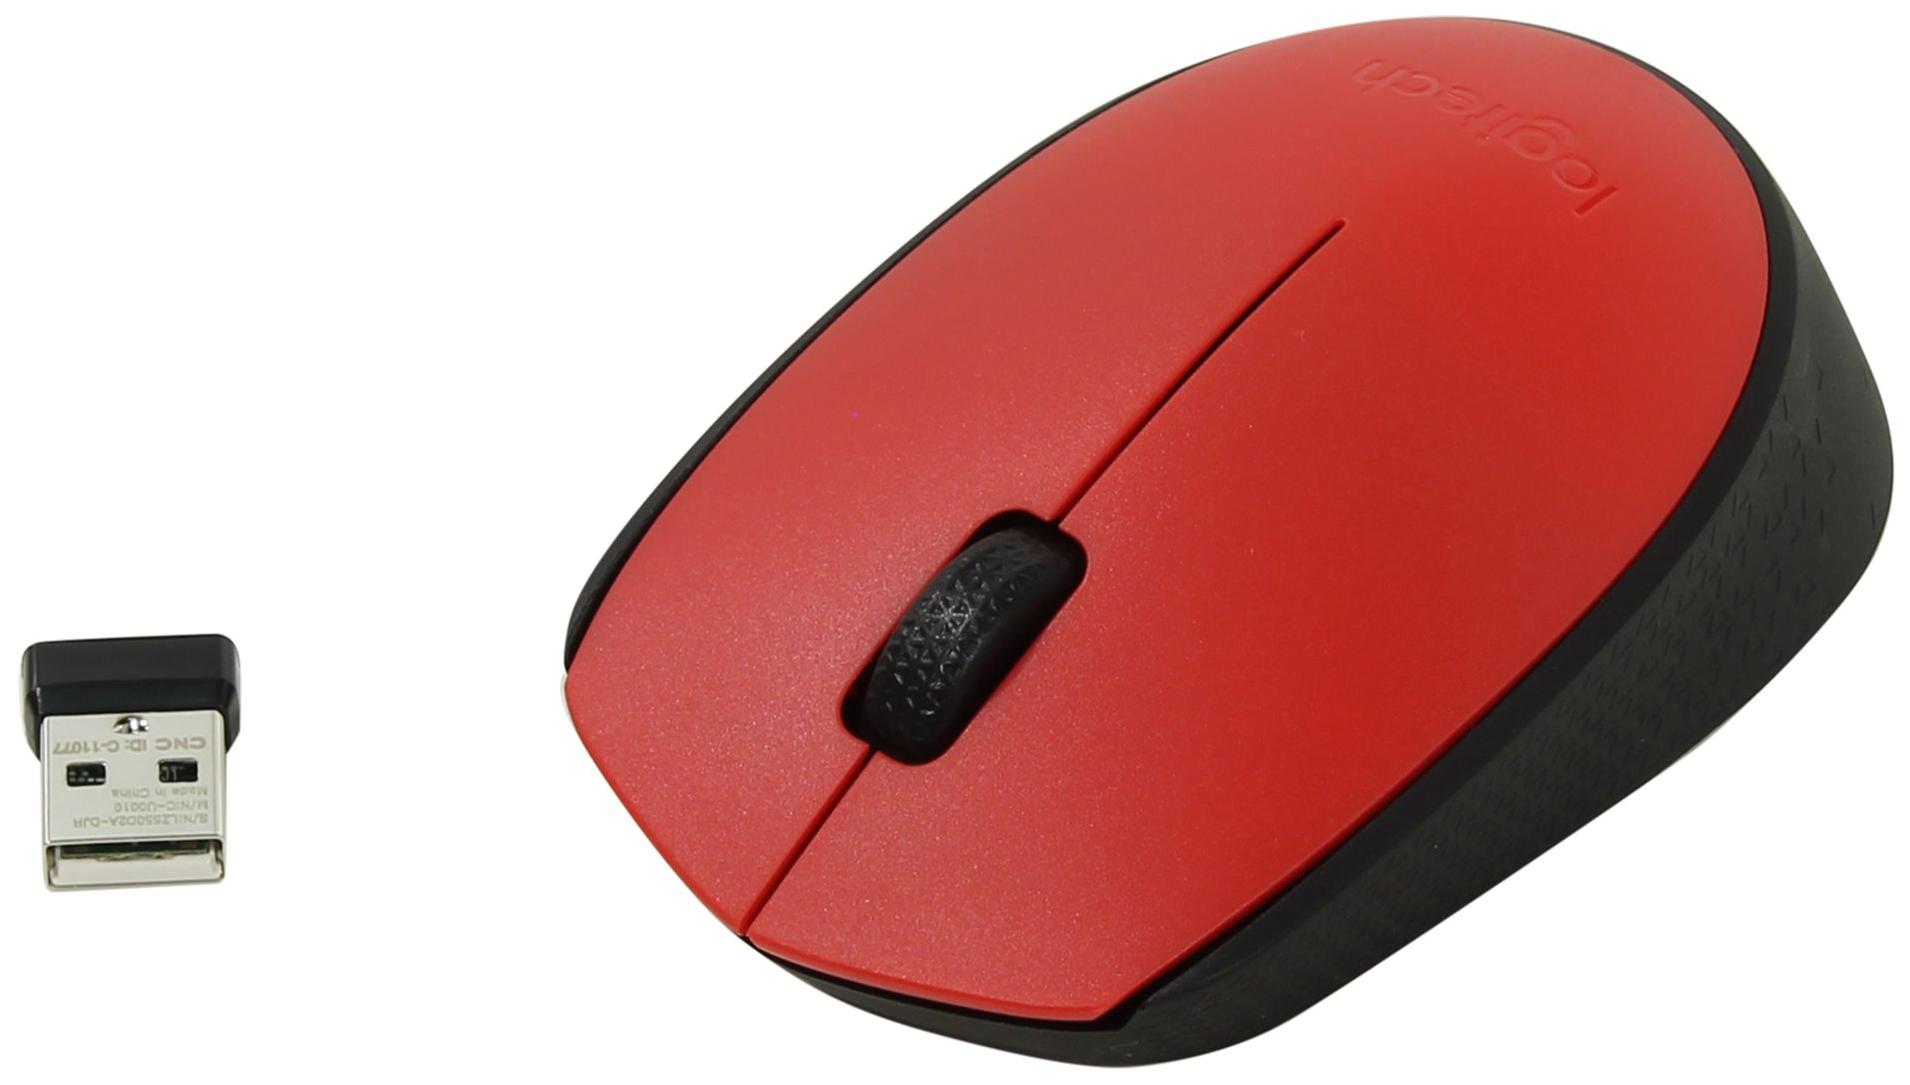 Беспроводная мышка Logitech M171 Red/Black (910-004641)